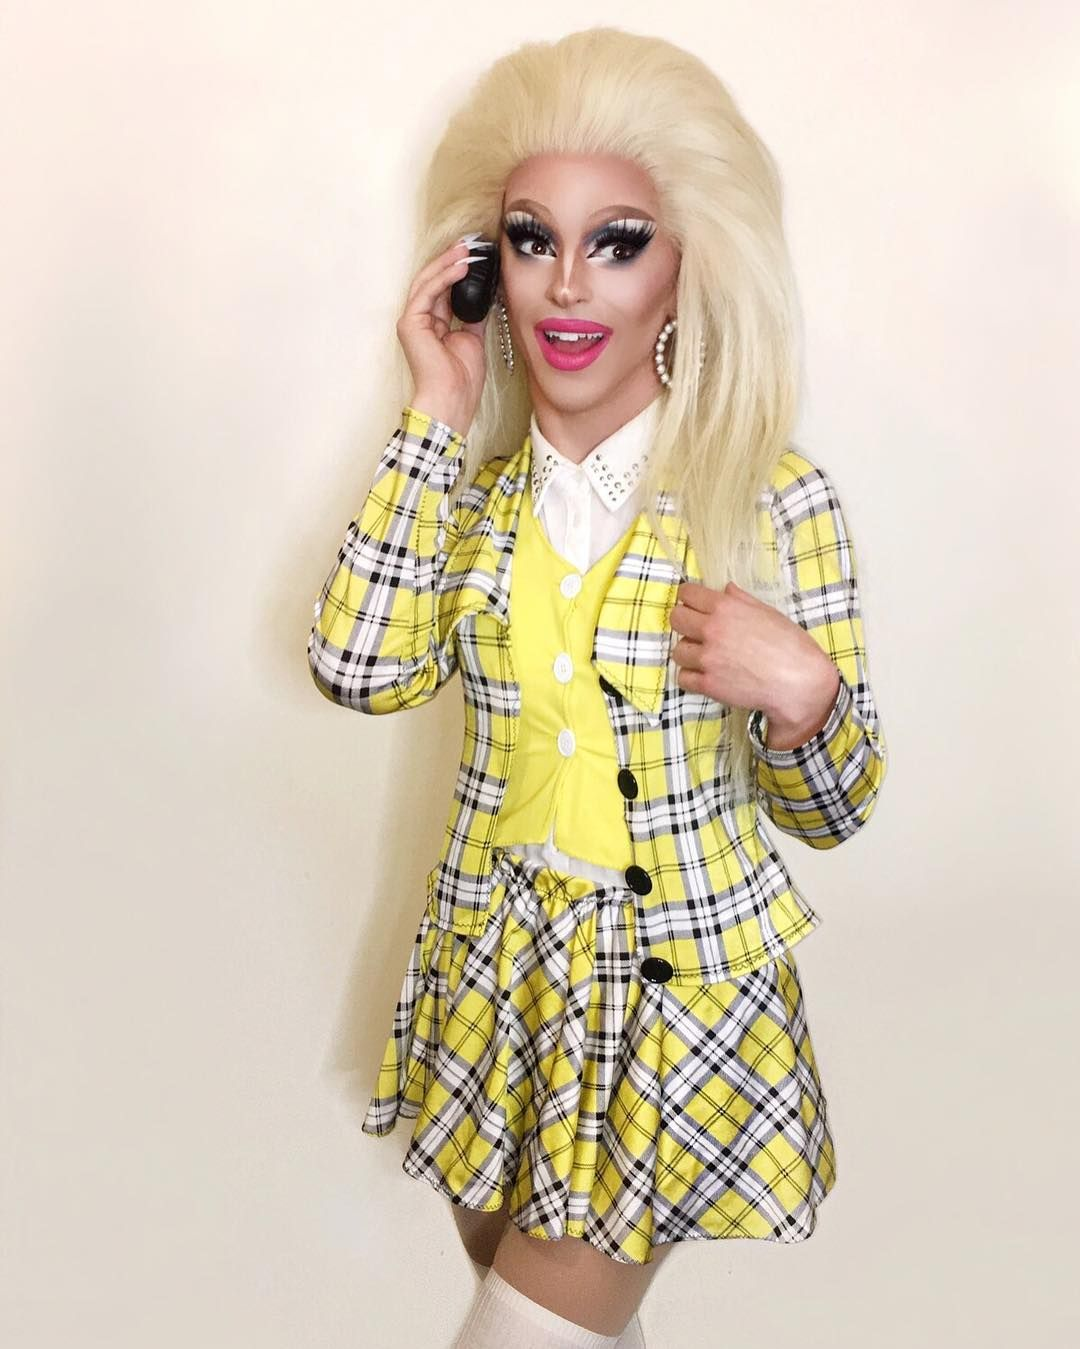 Pin by v on kweens ✨ in 2019   Rupaul drag queen, Rupaul, Rupaul drag